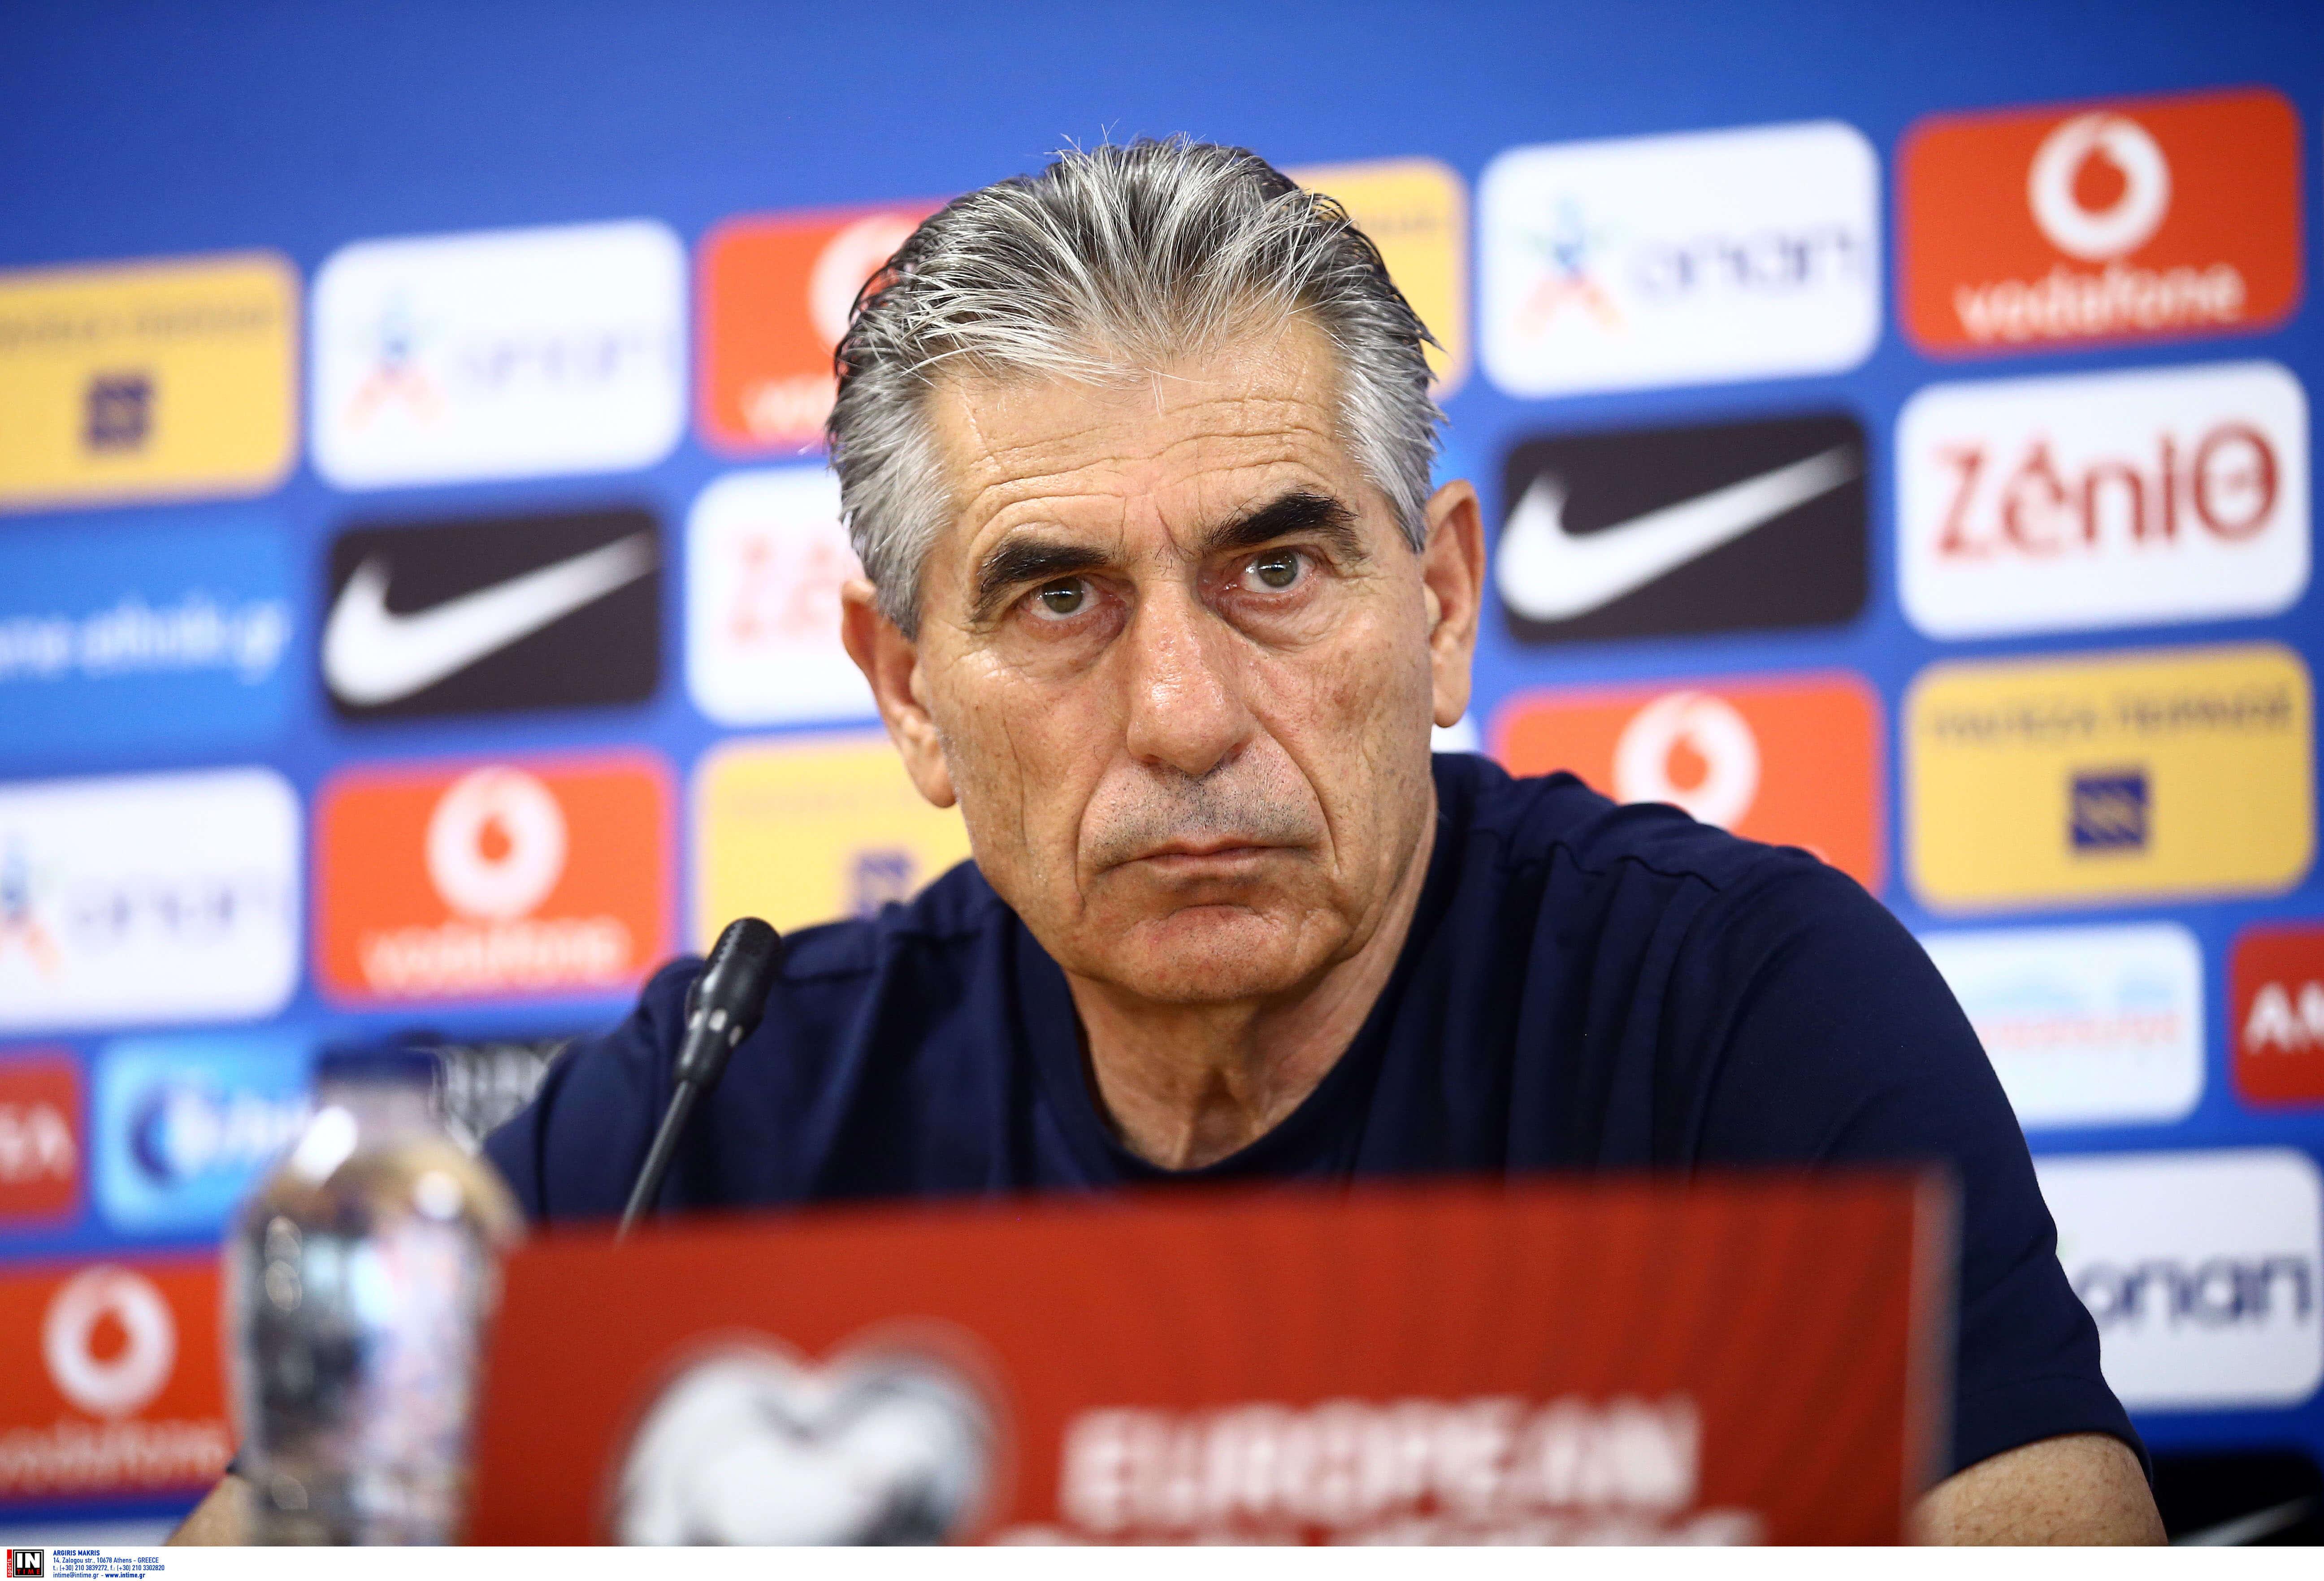 """Ελλάδα – Ιταλία, Αναστασιάδης: """"Να ξανακάνουμε την Εθνική όπως το 2004"""""""